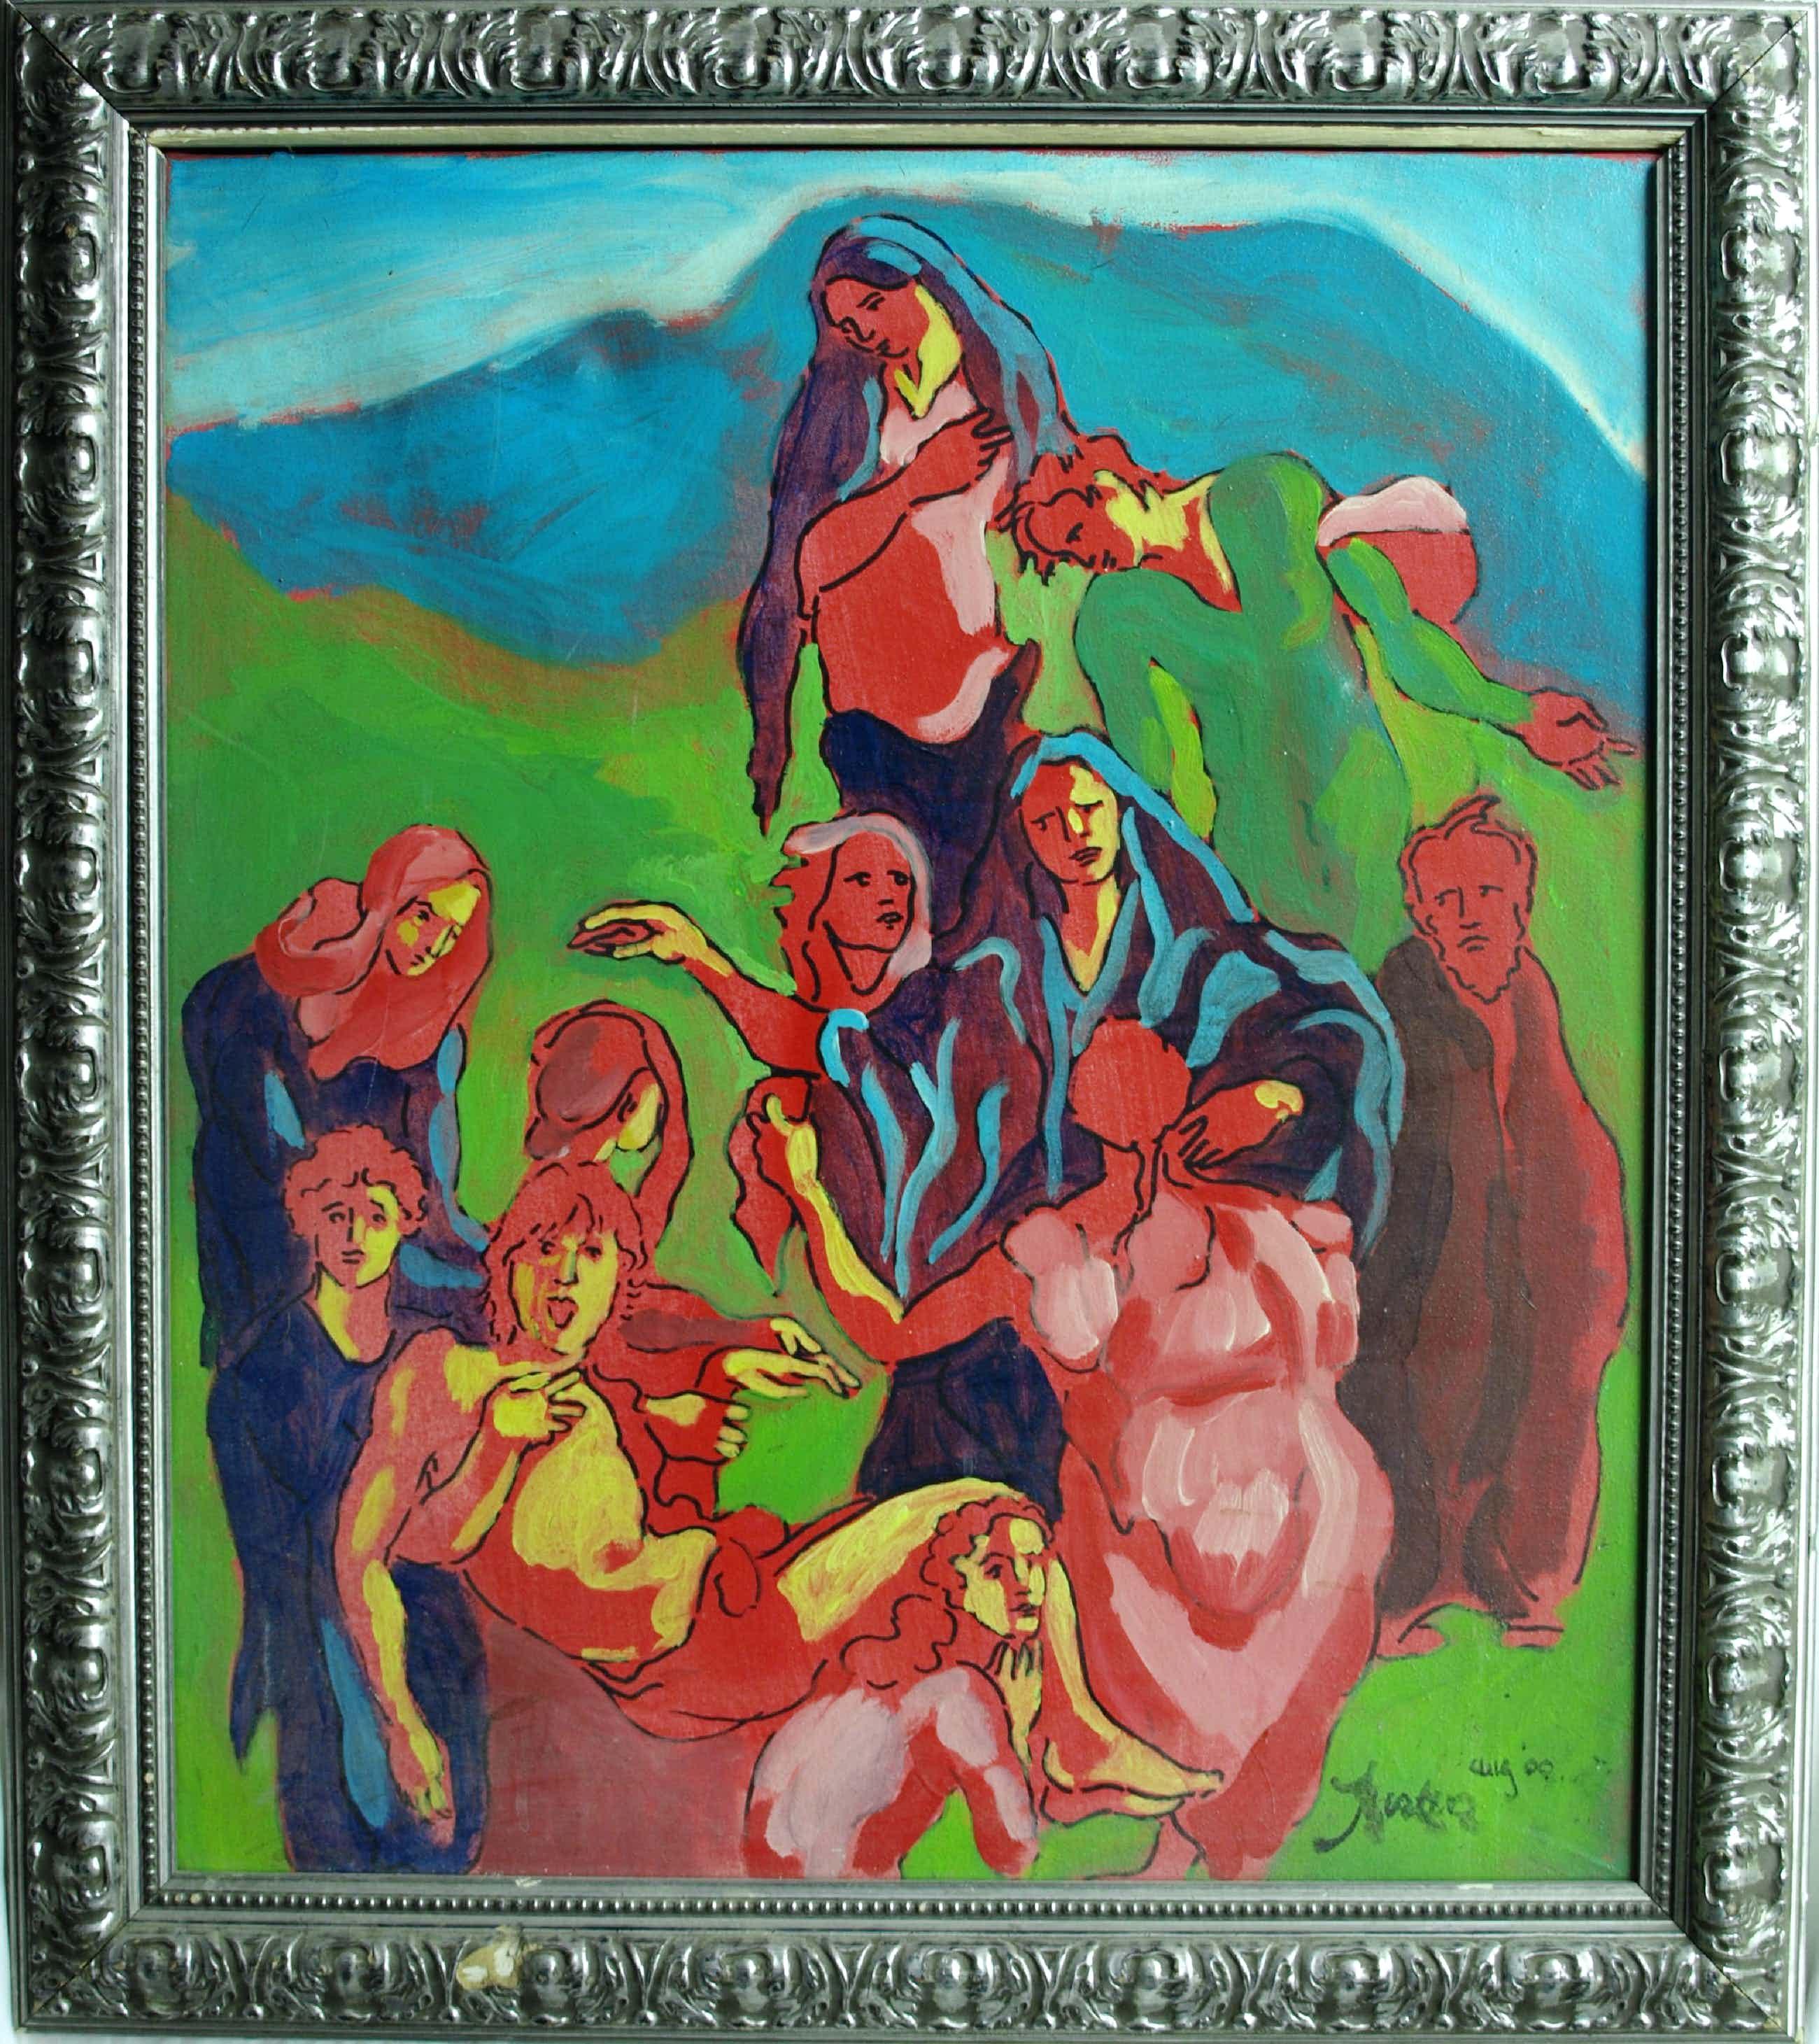 Justus Donker - Olieverf op canvas , Kruisiging , Zelfportret - ingelijst – 2000 kopen? Bied vanaf 80!